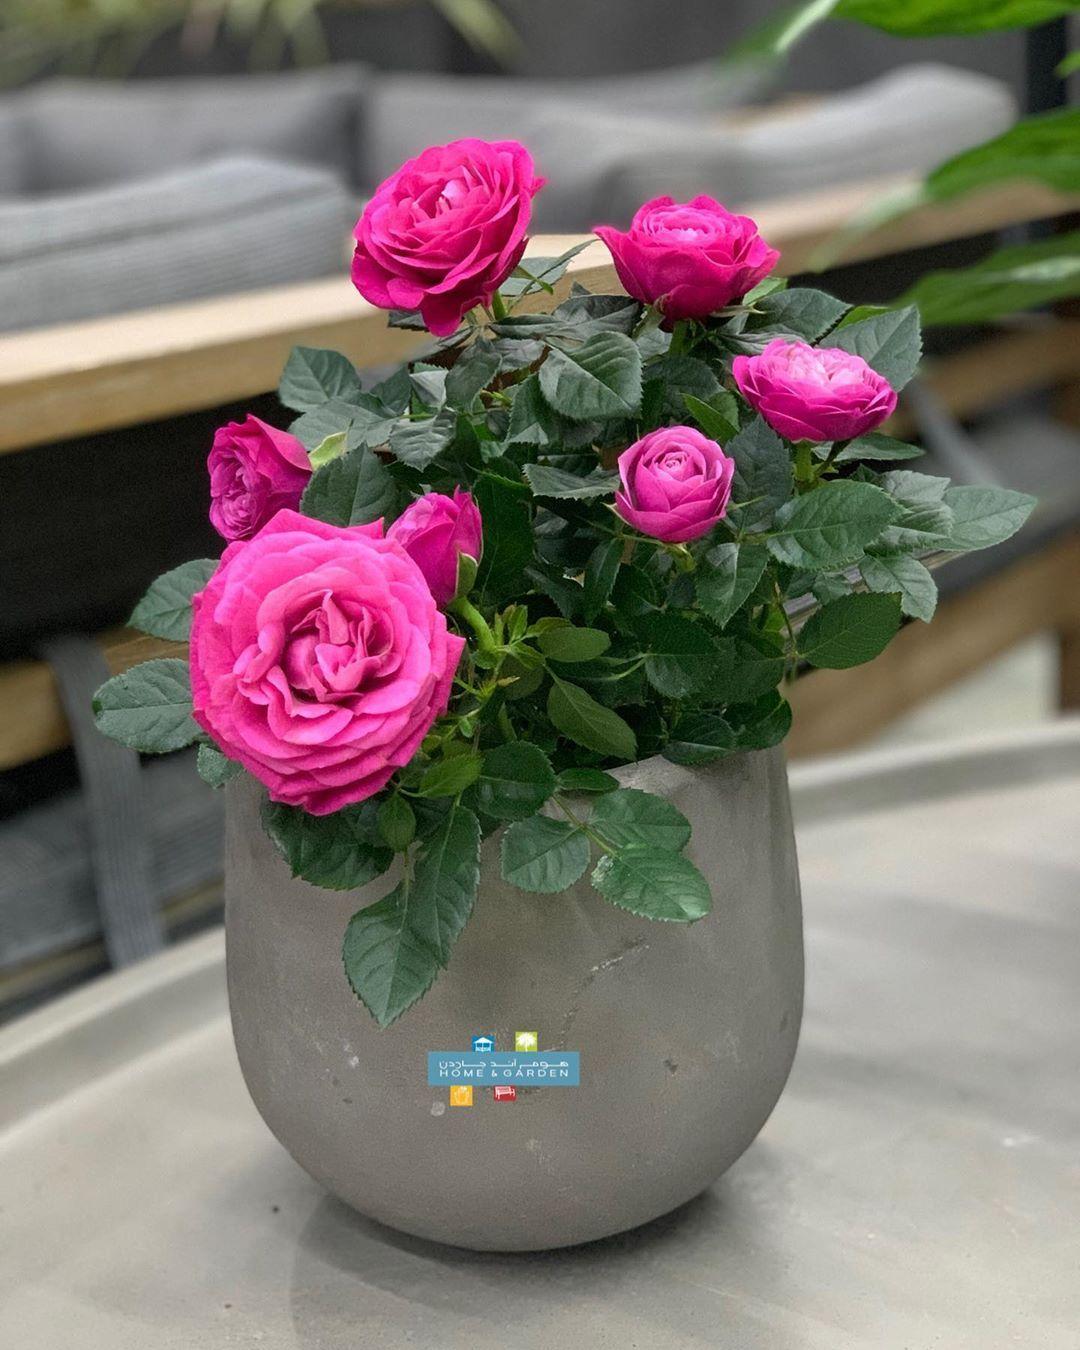 جوري هولندي داخلي وحوض كونكريت أكبر تشكيلة من النباتات الداخلية بالكويت لدى هوم اند جاردن Indoor Plants Plants Indoor Design Indoor Shade Plants